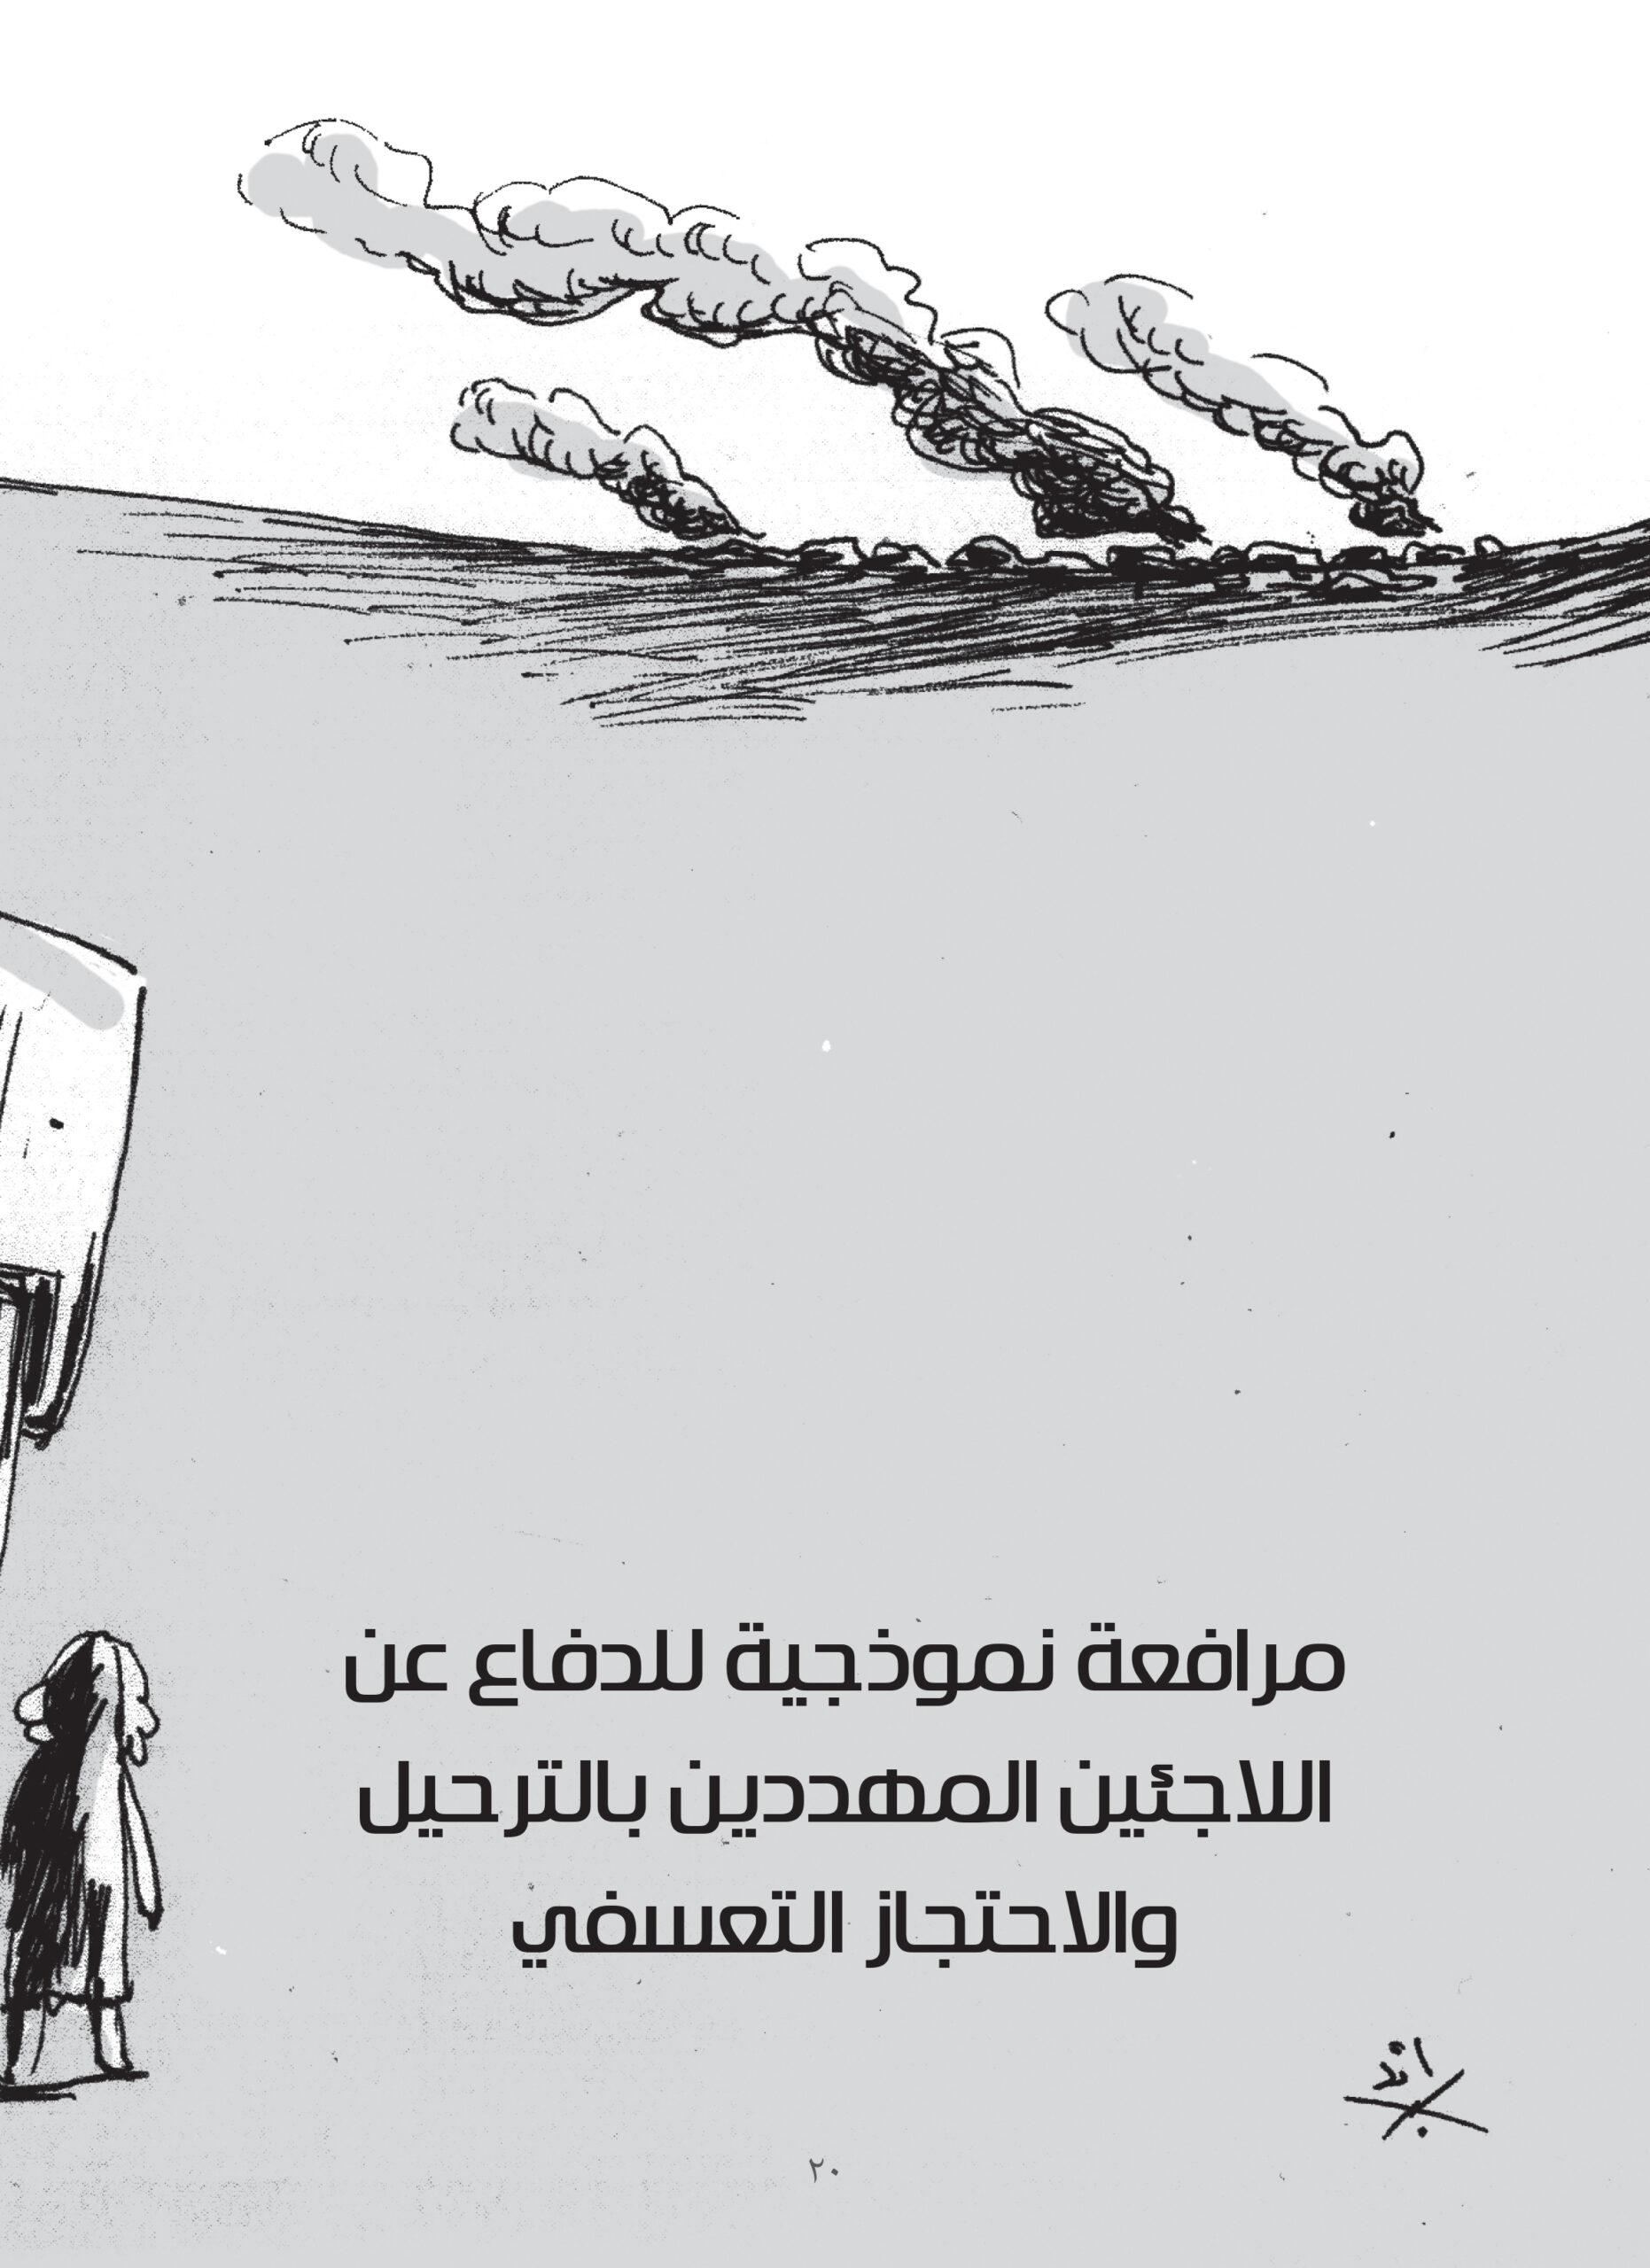 مرافعة نموذجية للدفاع عن اللاجئين المهددين بالترحيل والاحتجاز التعسفي